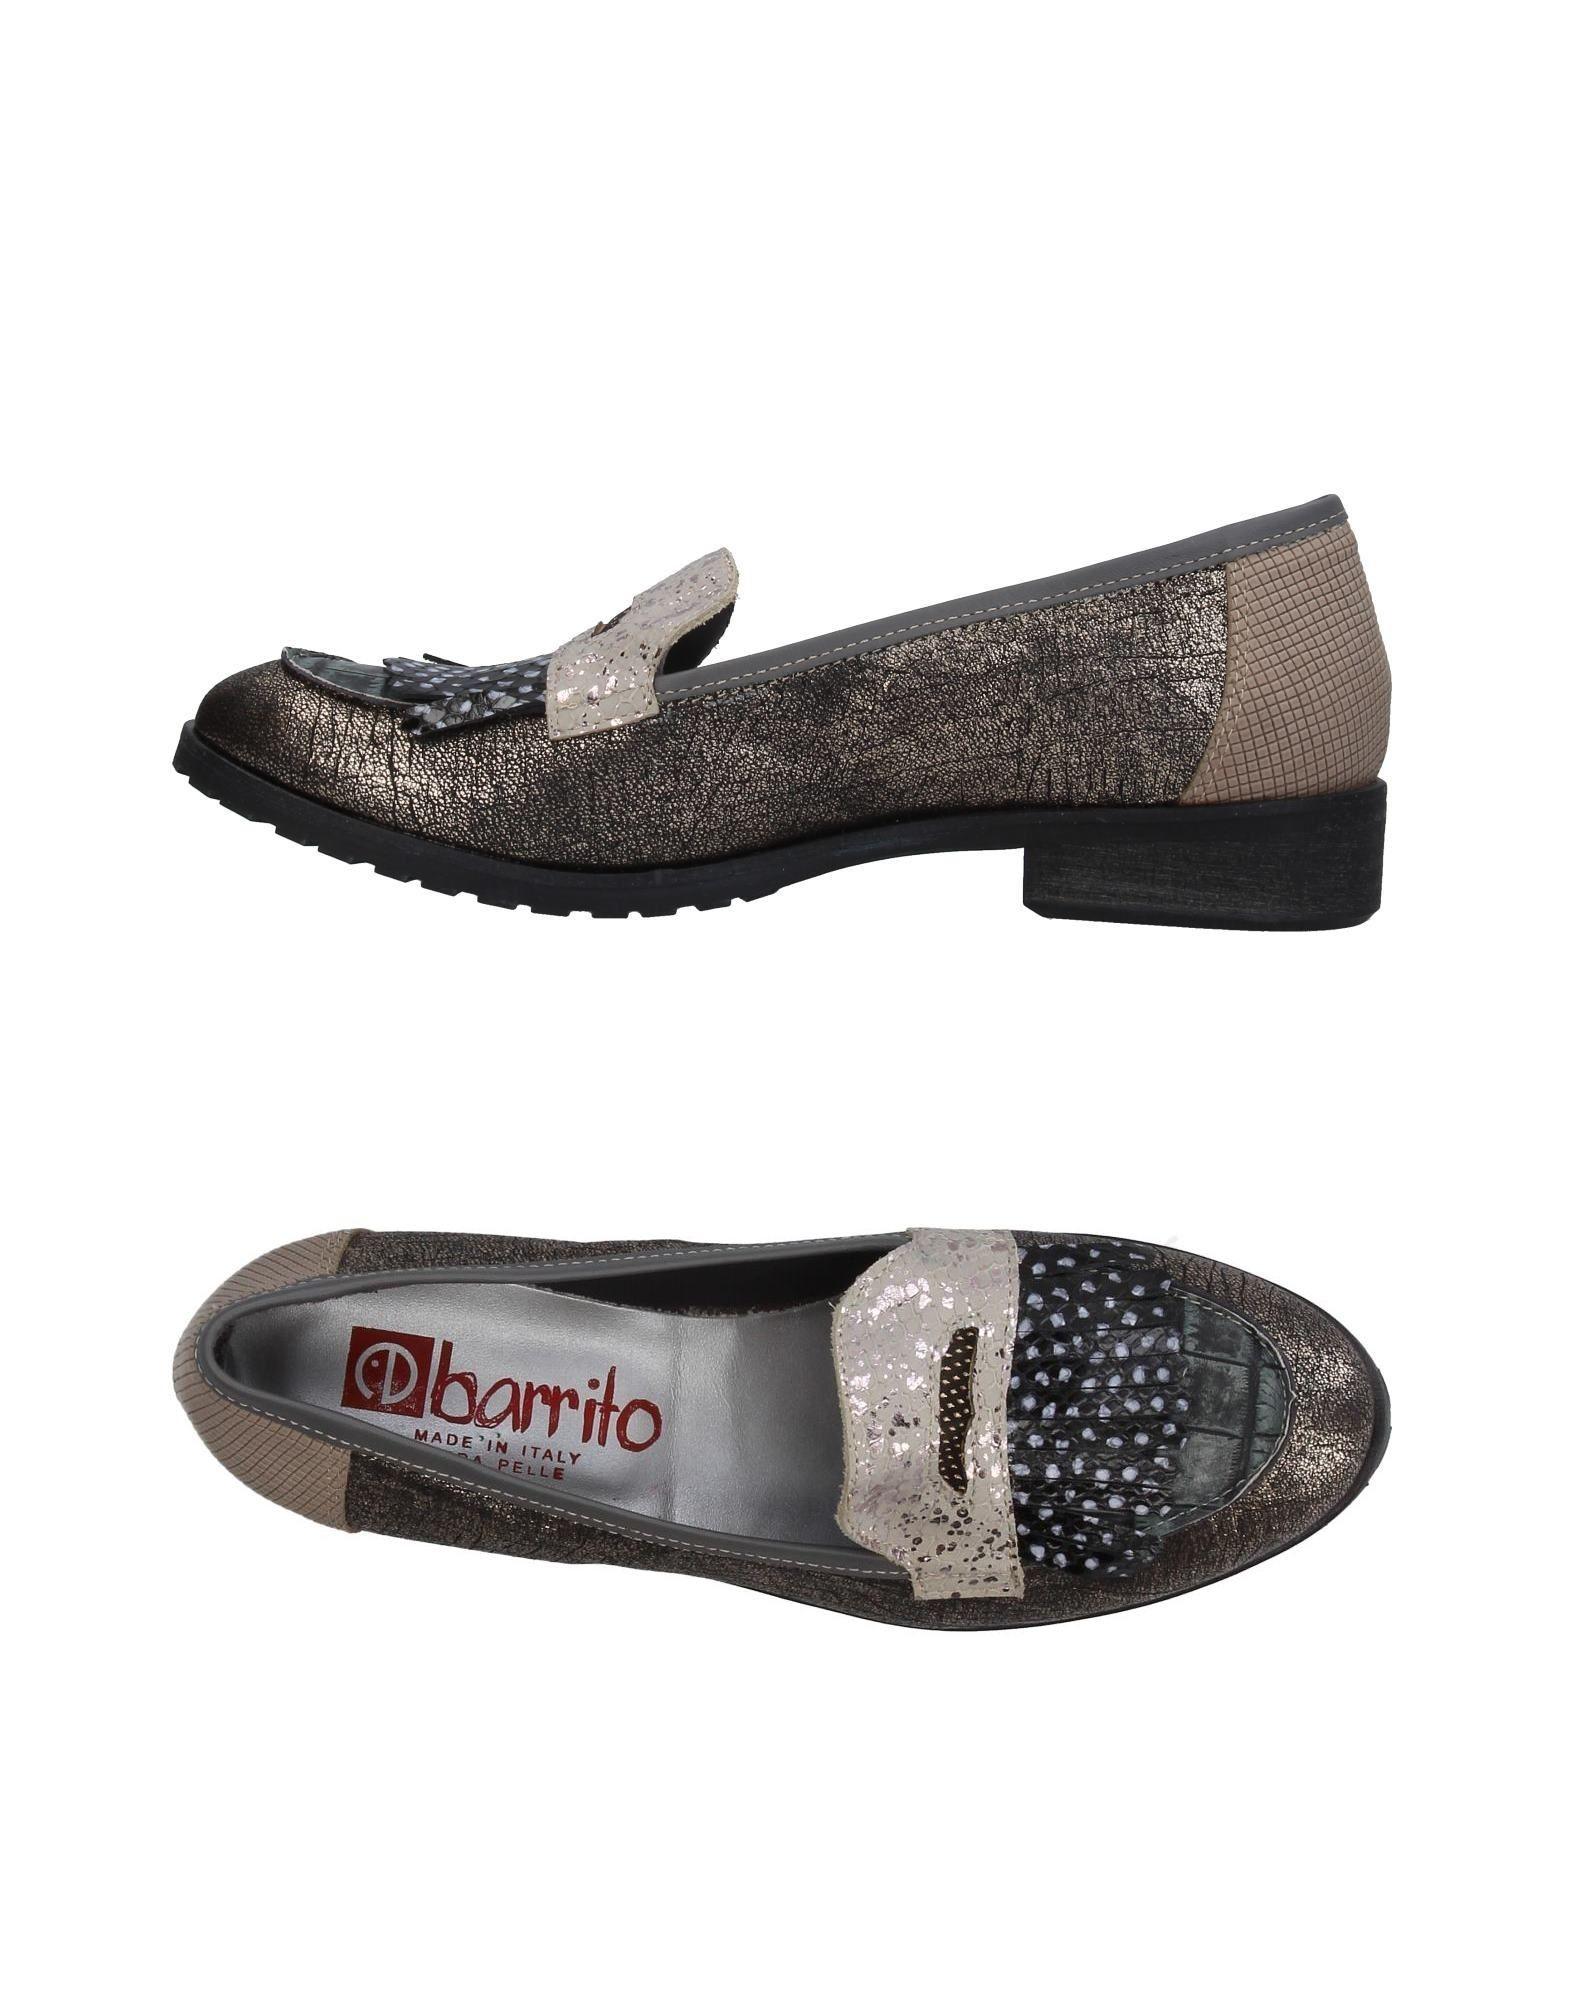 Ebarrito Mokassins Damen  11396783VN Gute Qualität beliebte Schuhe